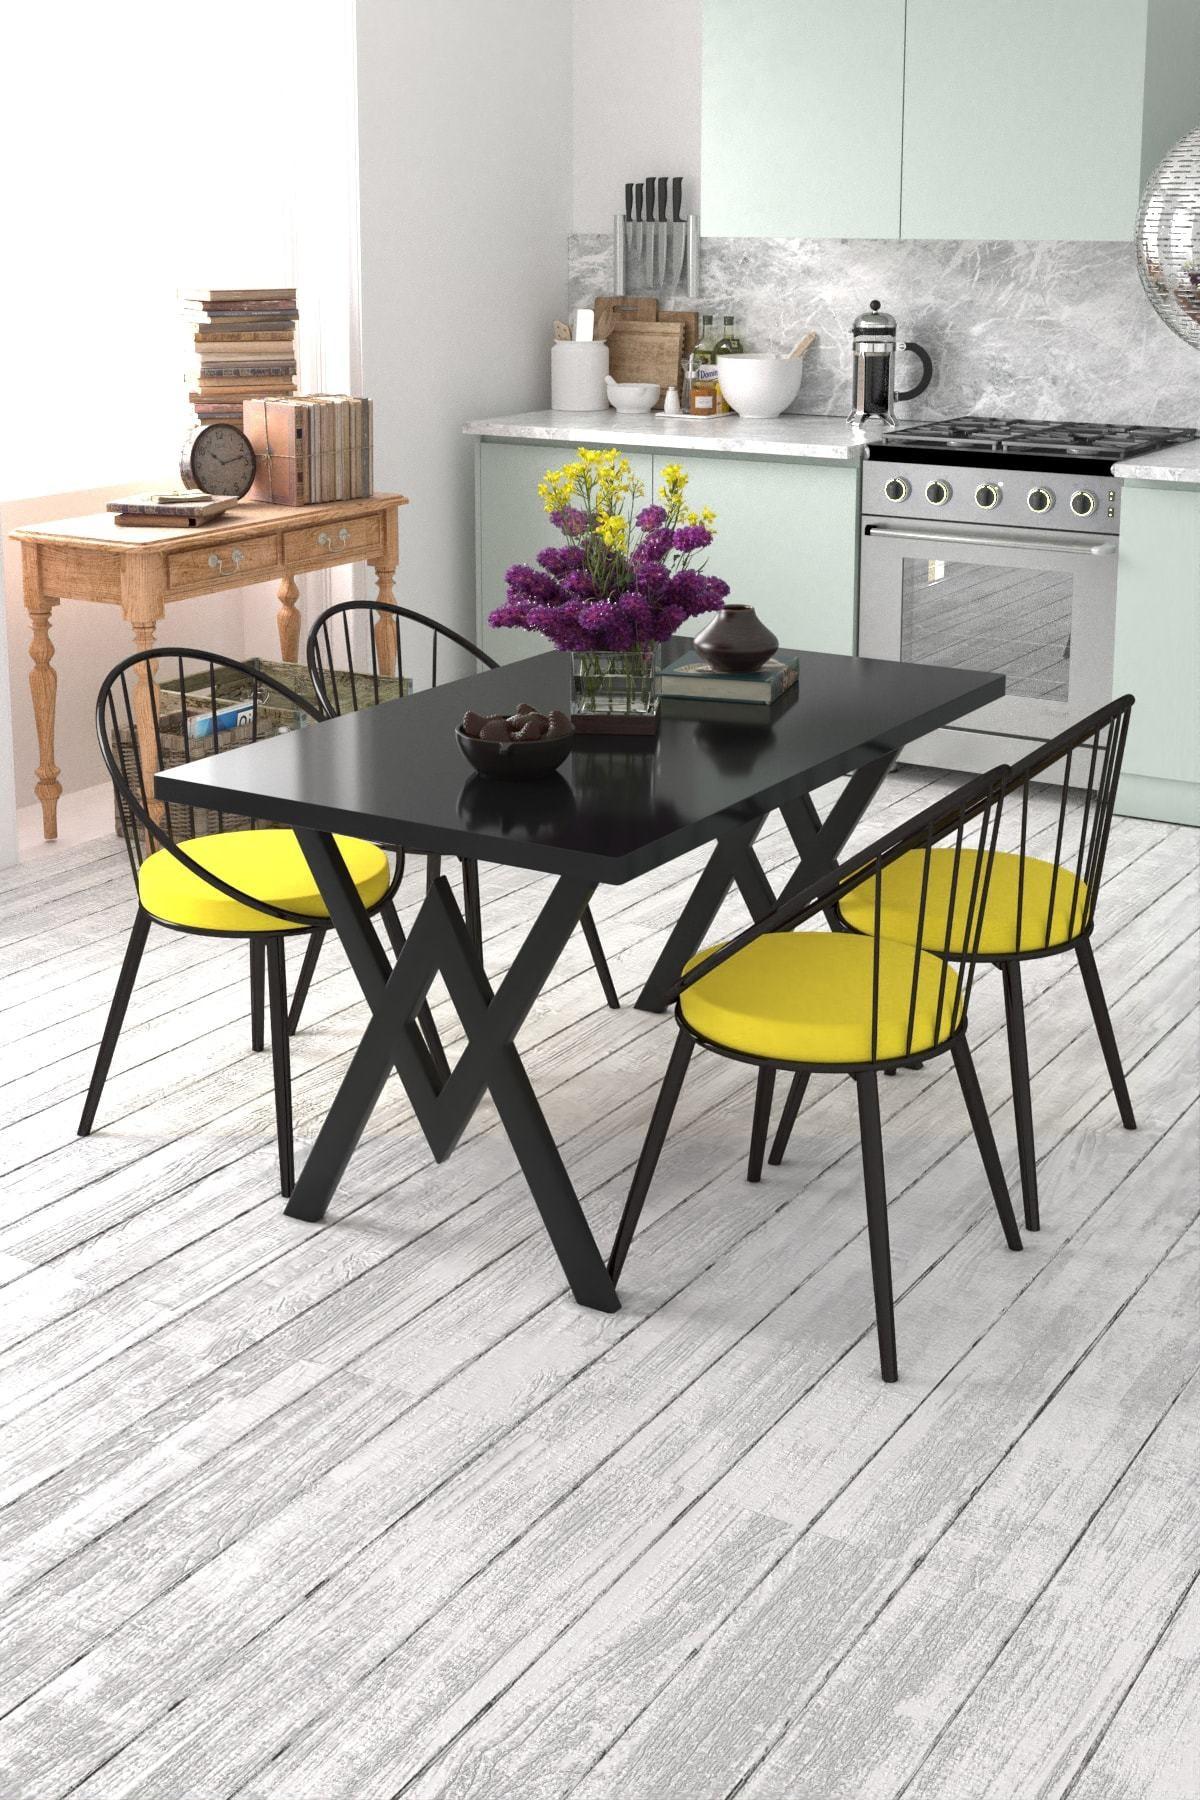 Evdemo Eylül 4 Kişilik Mutfak Masası Takımı Siyah Sarı 1